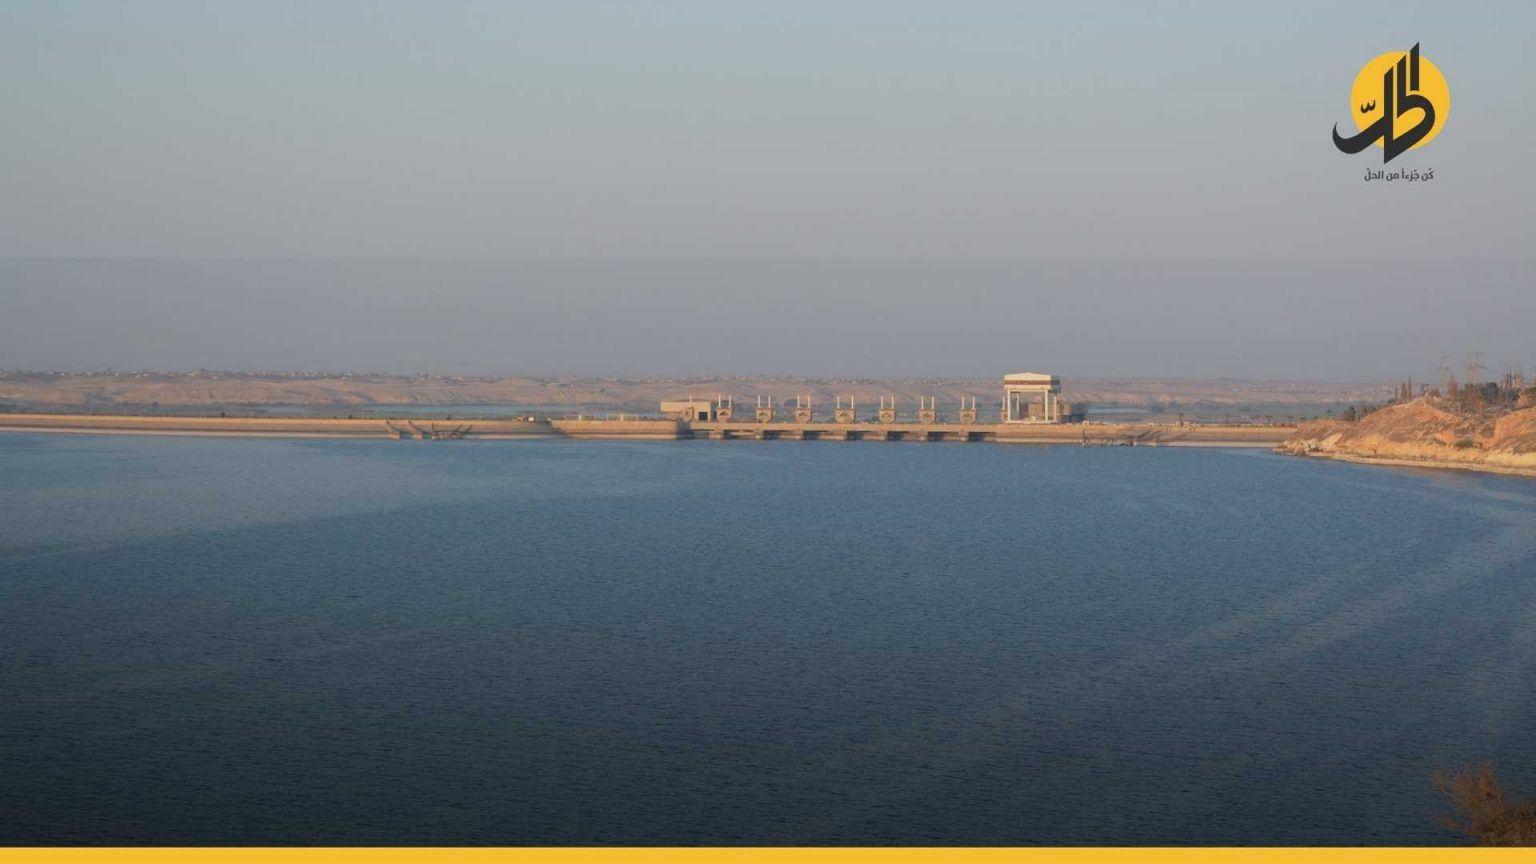 إدارة سد تشرين لـ «الحل»: منسوب المياه في نهر الفرات أقرب لـ «المنسوب الميّت»